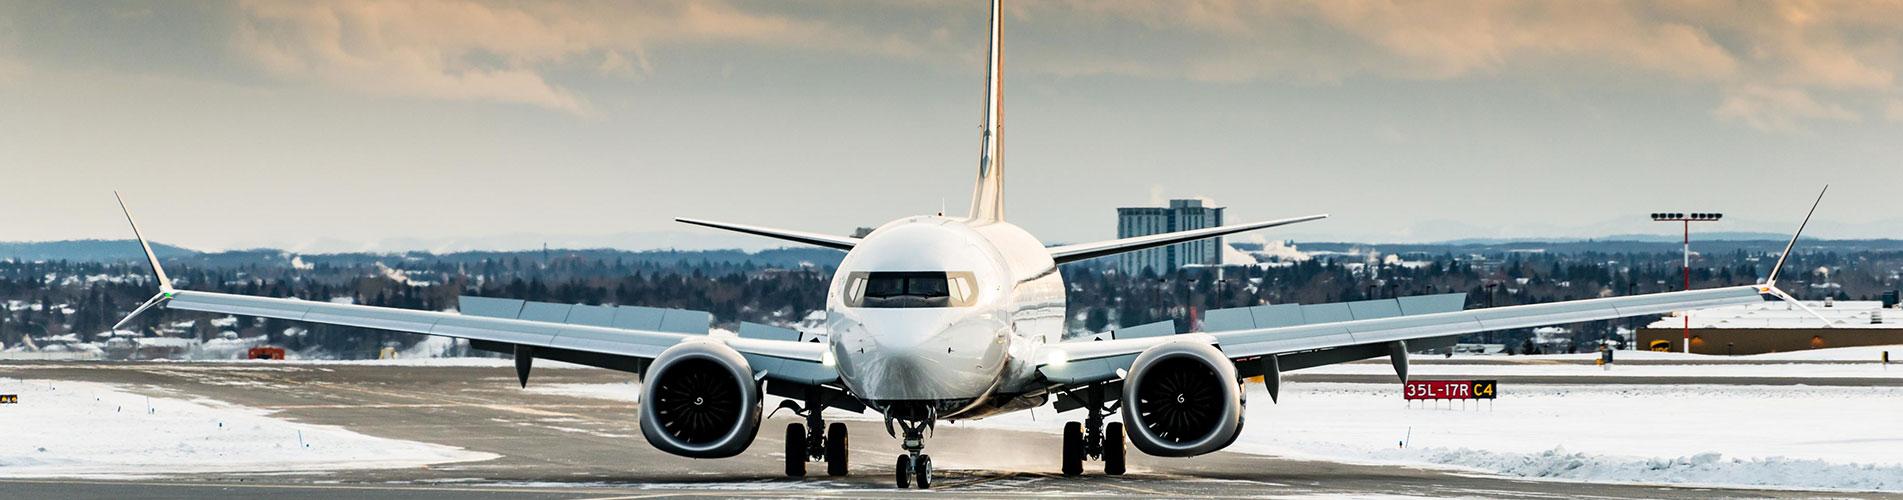 Air Canada Aligns Fleet For Future